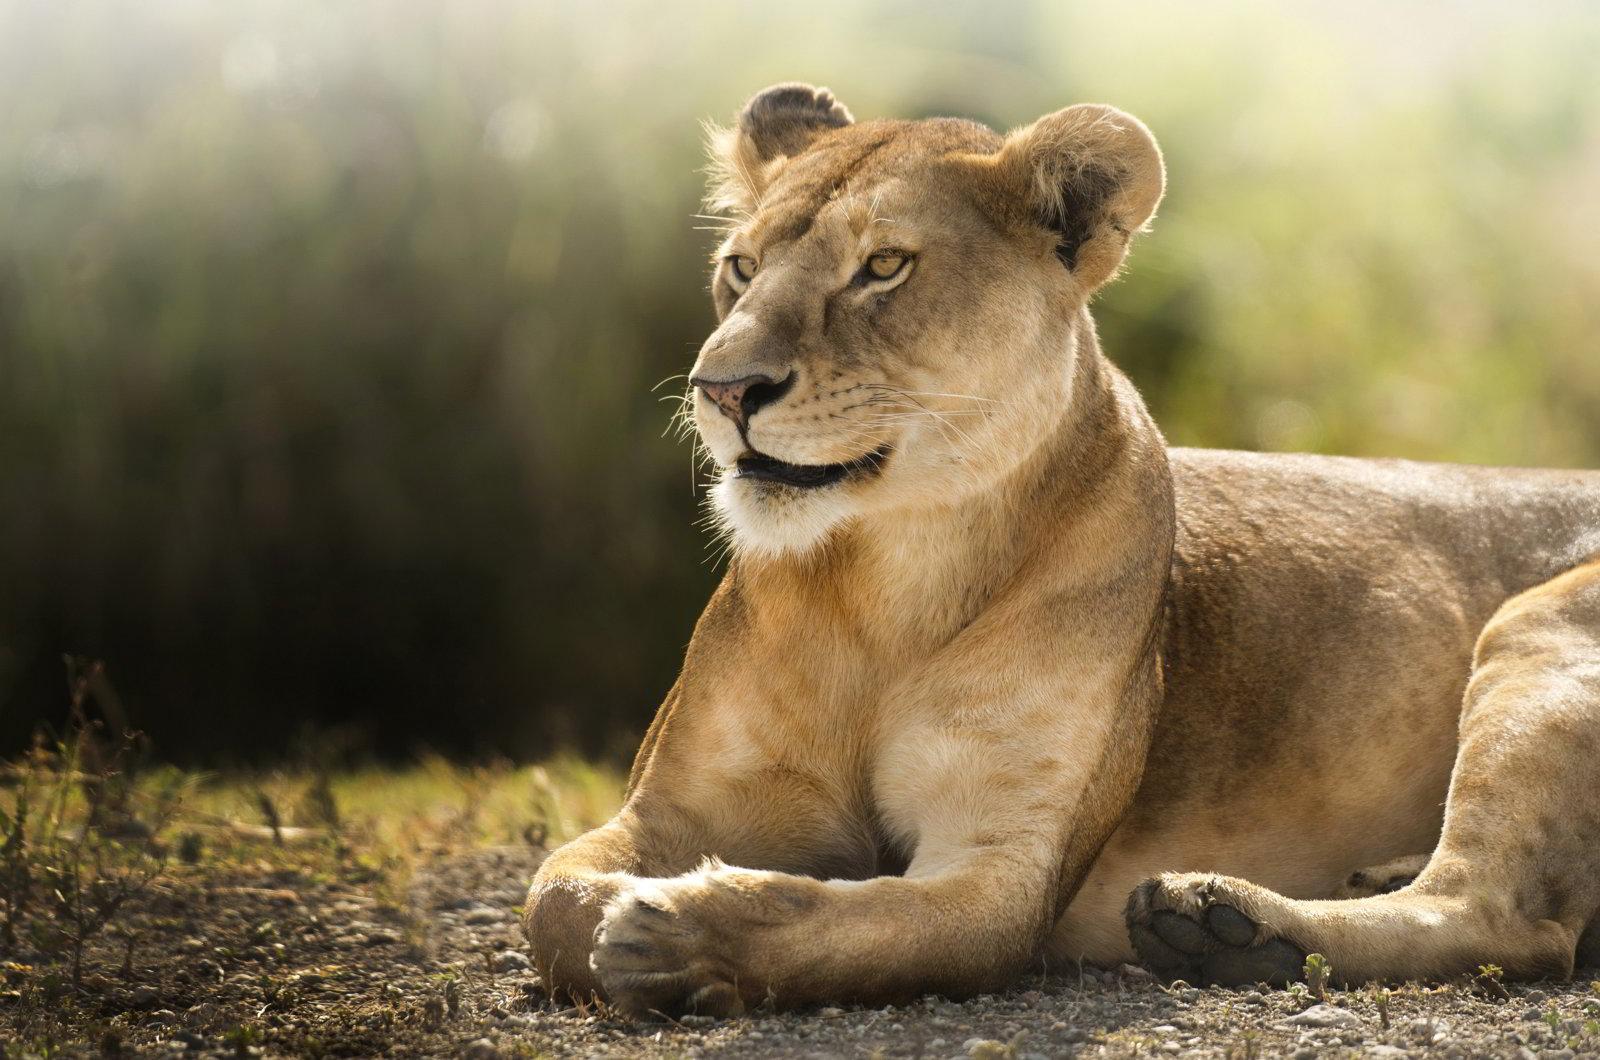 Sư tử tuy trông hung dữ như vậy, nhưng lúc còn bé thì cũng đáng yêu không kém đâu. Khi còn bé chính cũng trông giống như một chú mèo con hiền ...